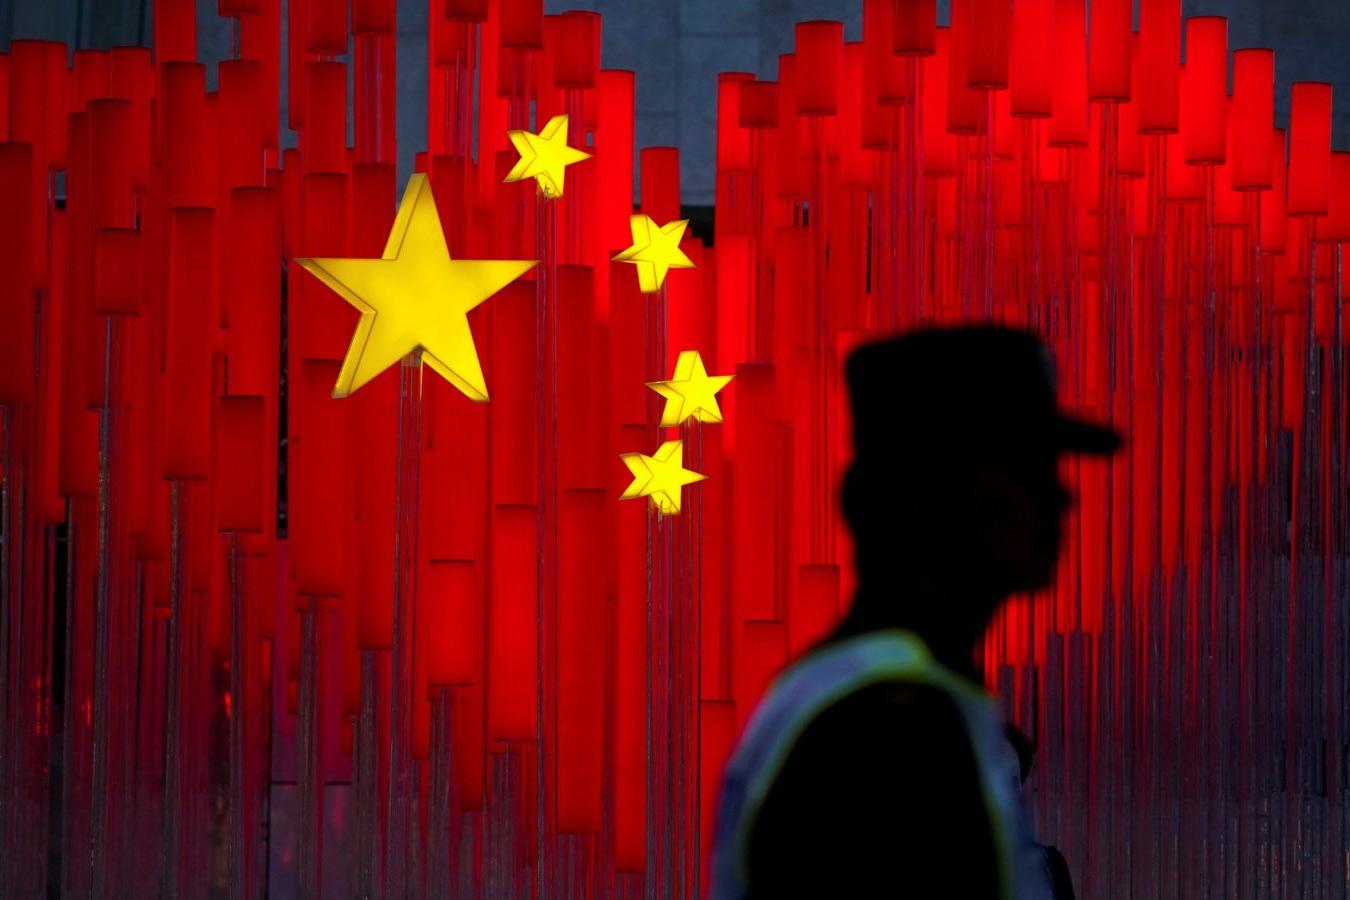 Trung Quốc đang theo kiểu mô hình bá quyền khu vực như thế nào?